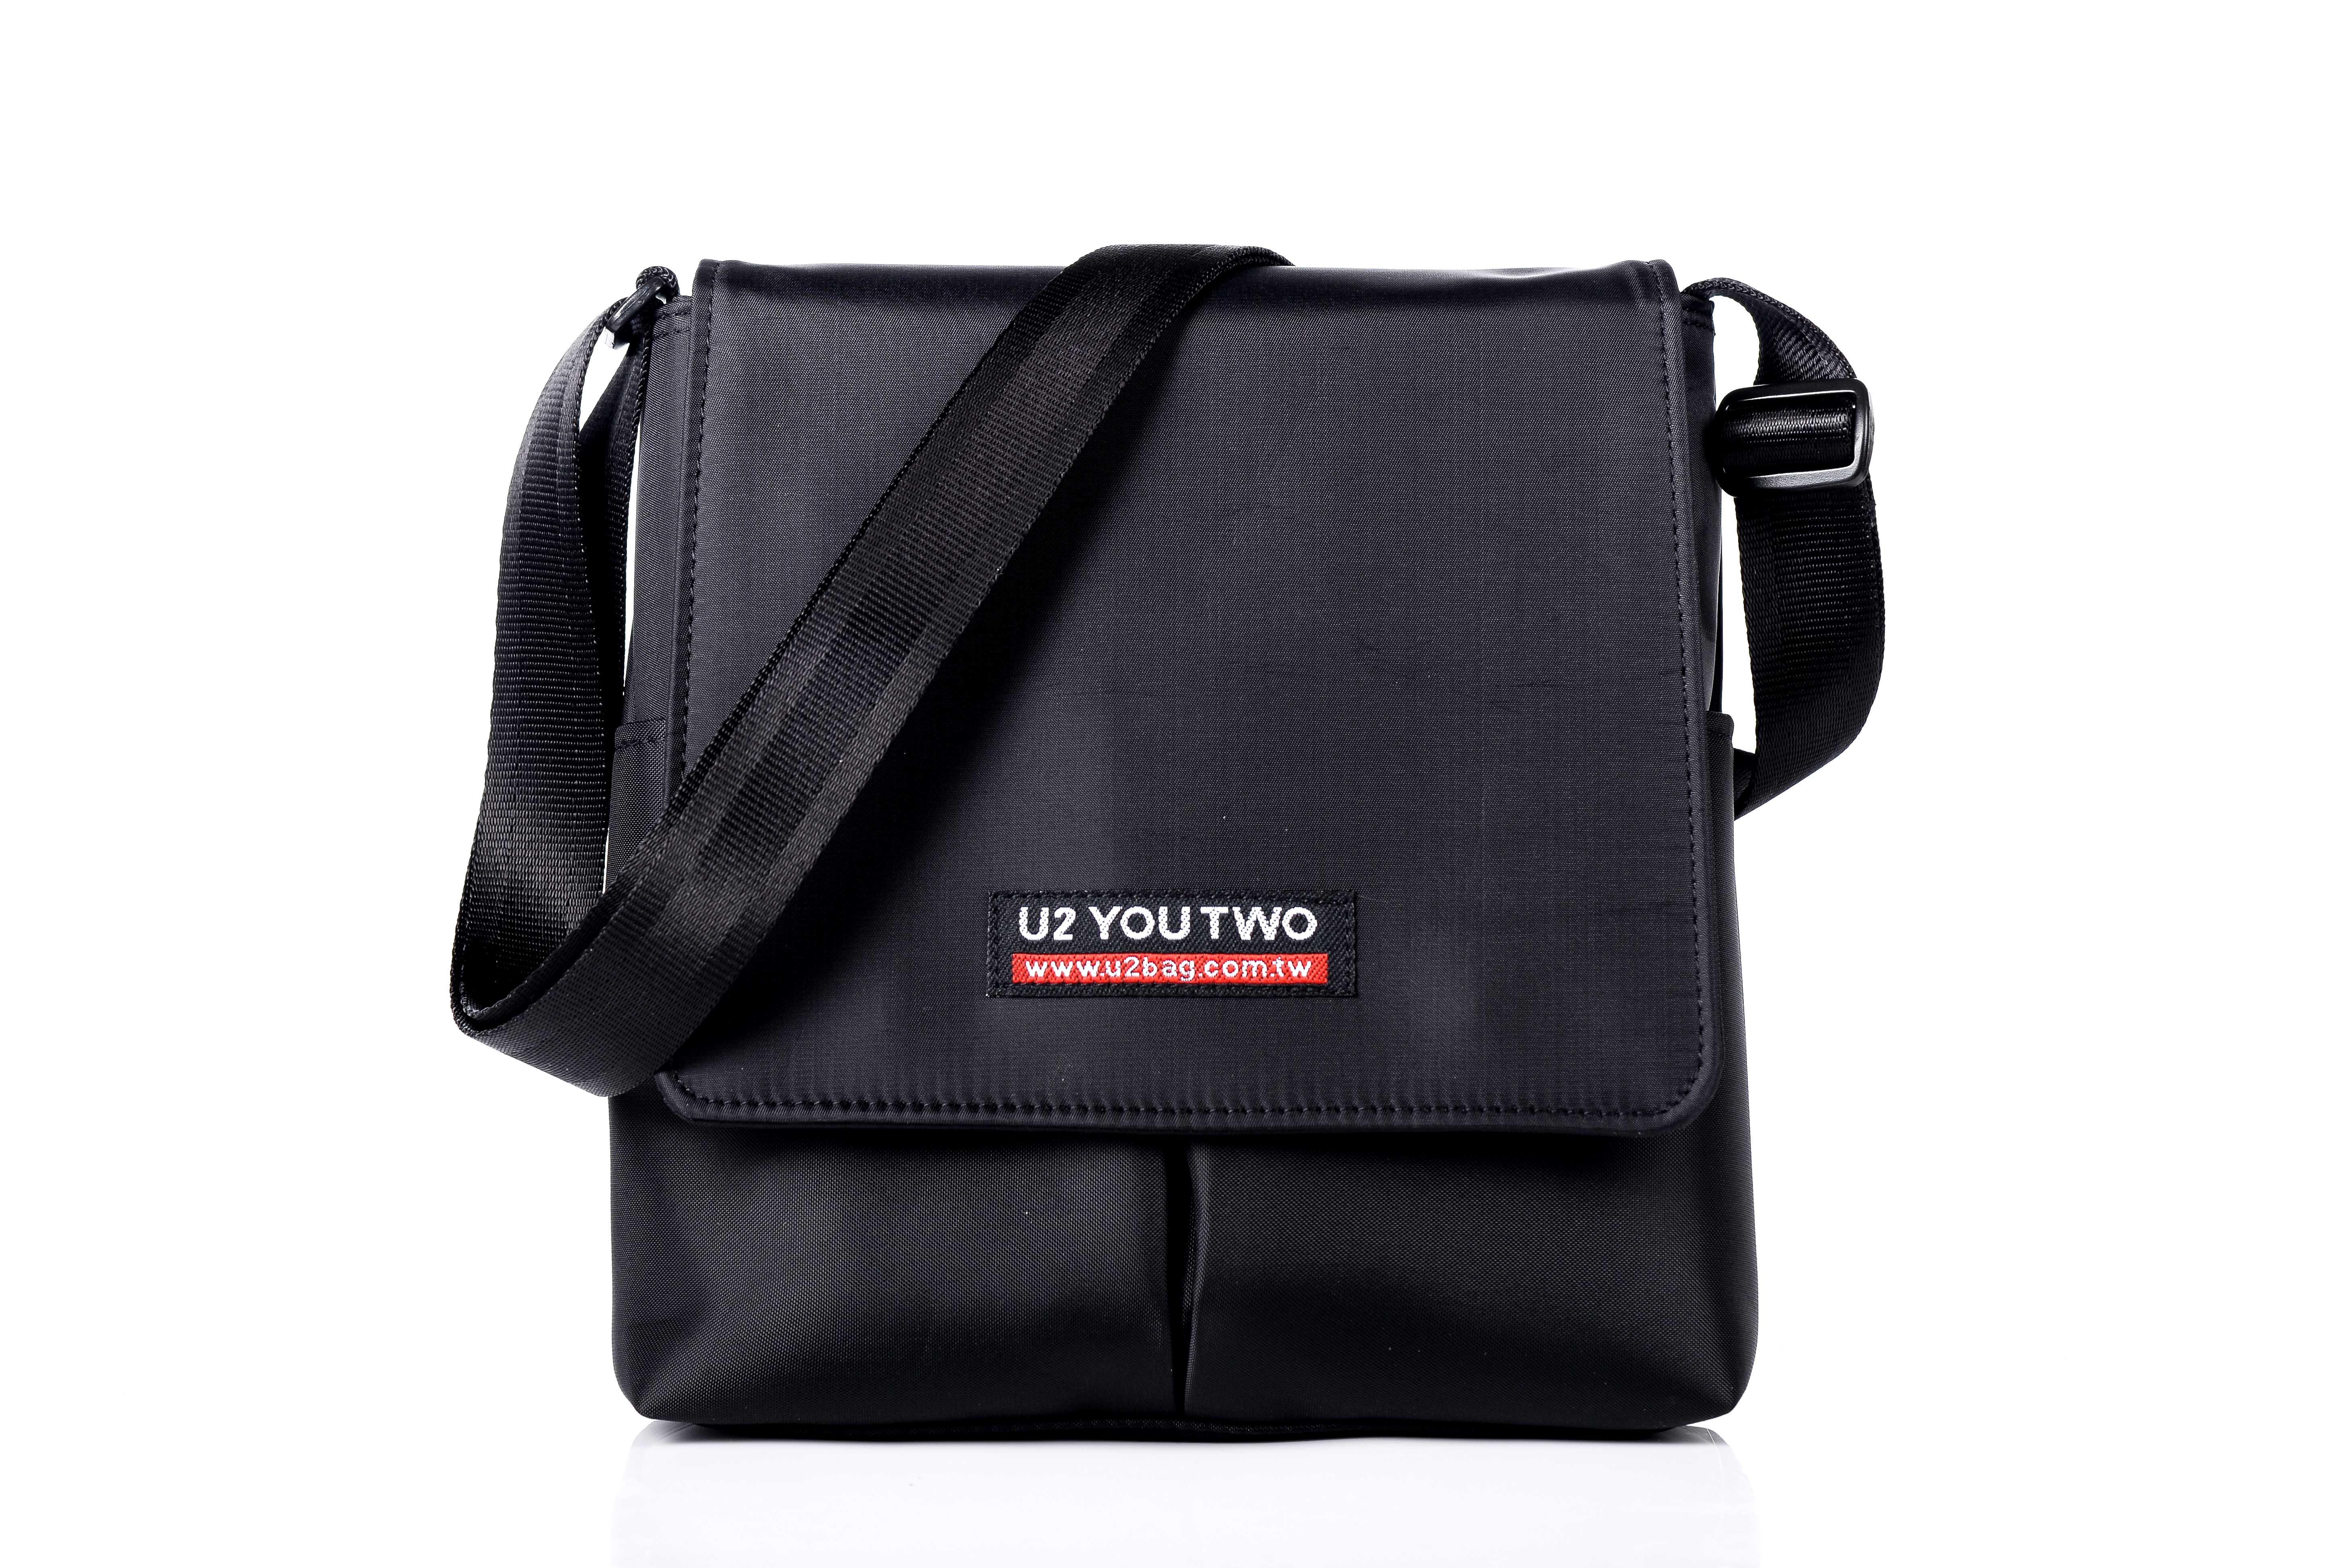 輕巧防水側背包/肩背包/出遊包/休閒包/MIT/台灣製【U2 Bags】